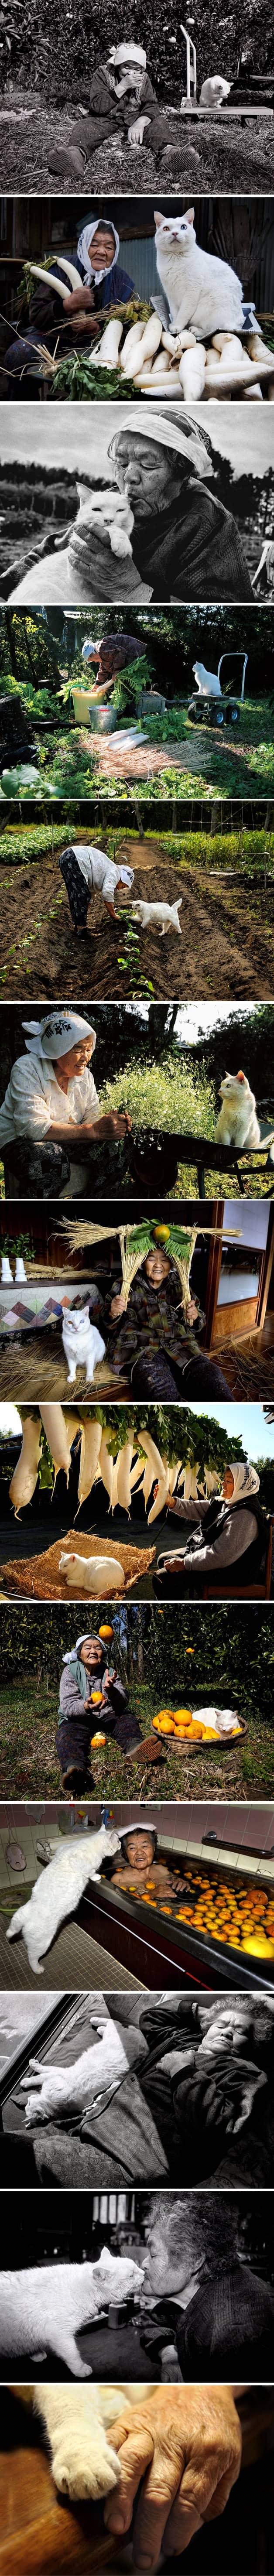 Série documenta a história de amor entre uma mulher e um gato resgatado das ruas 4